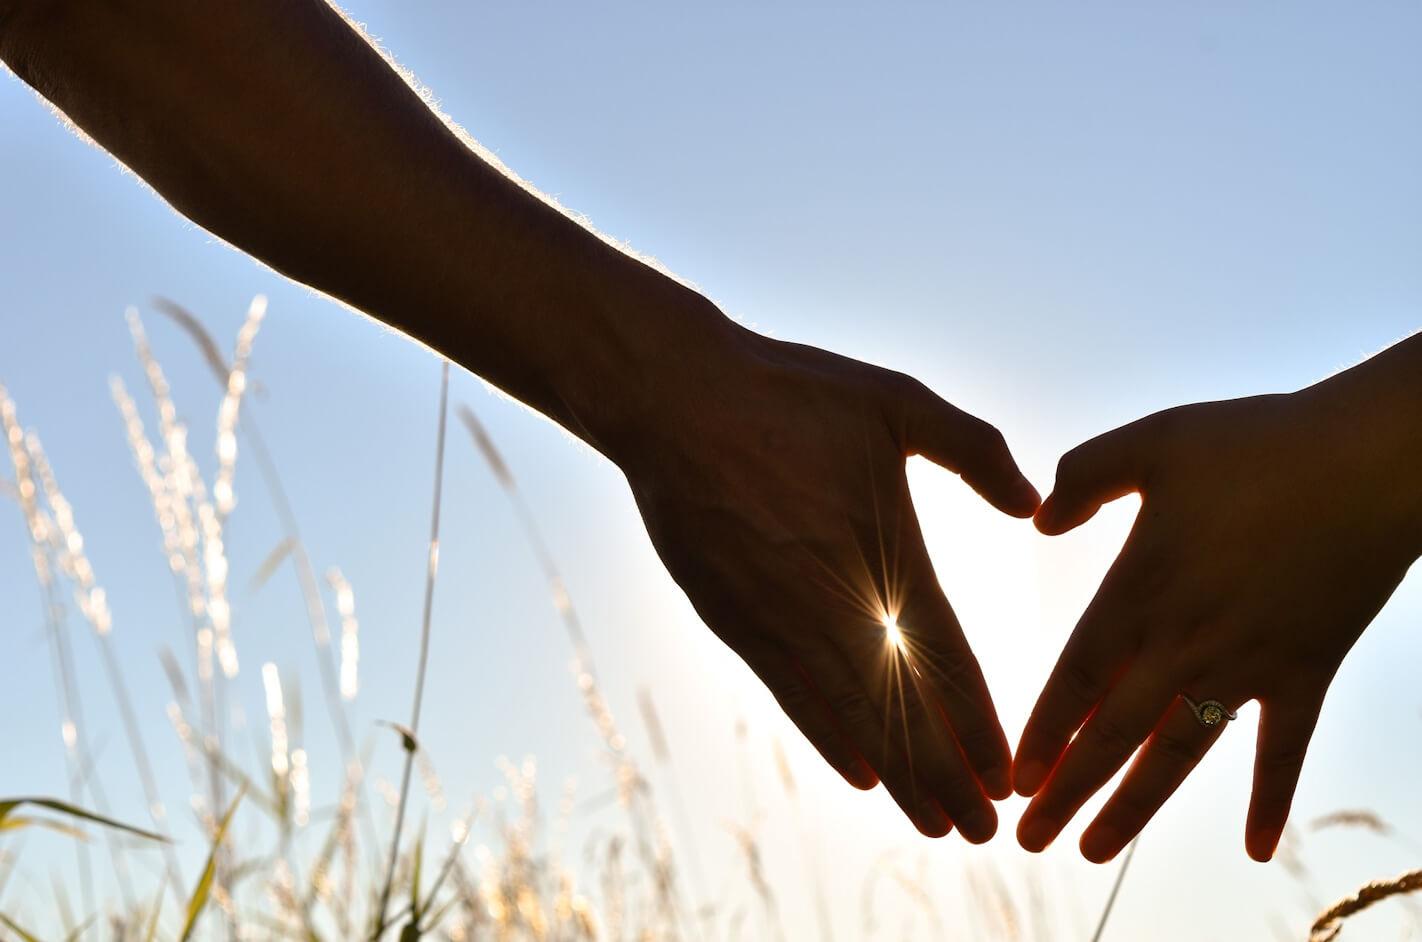 光のエネルギーが手から輝く様子